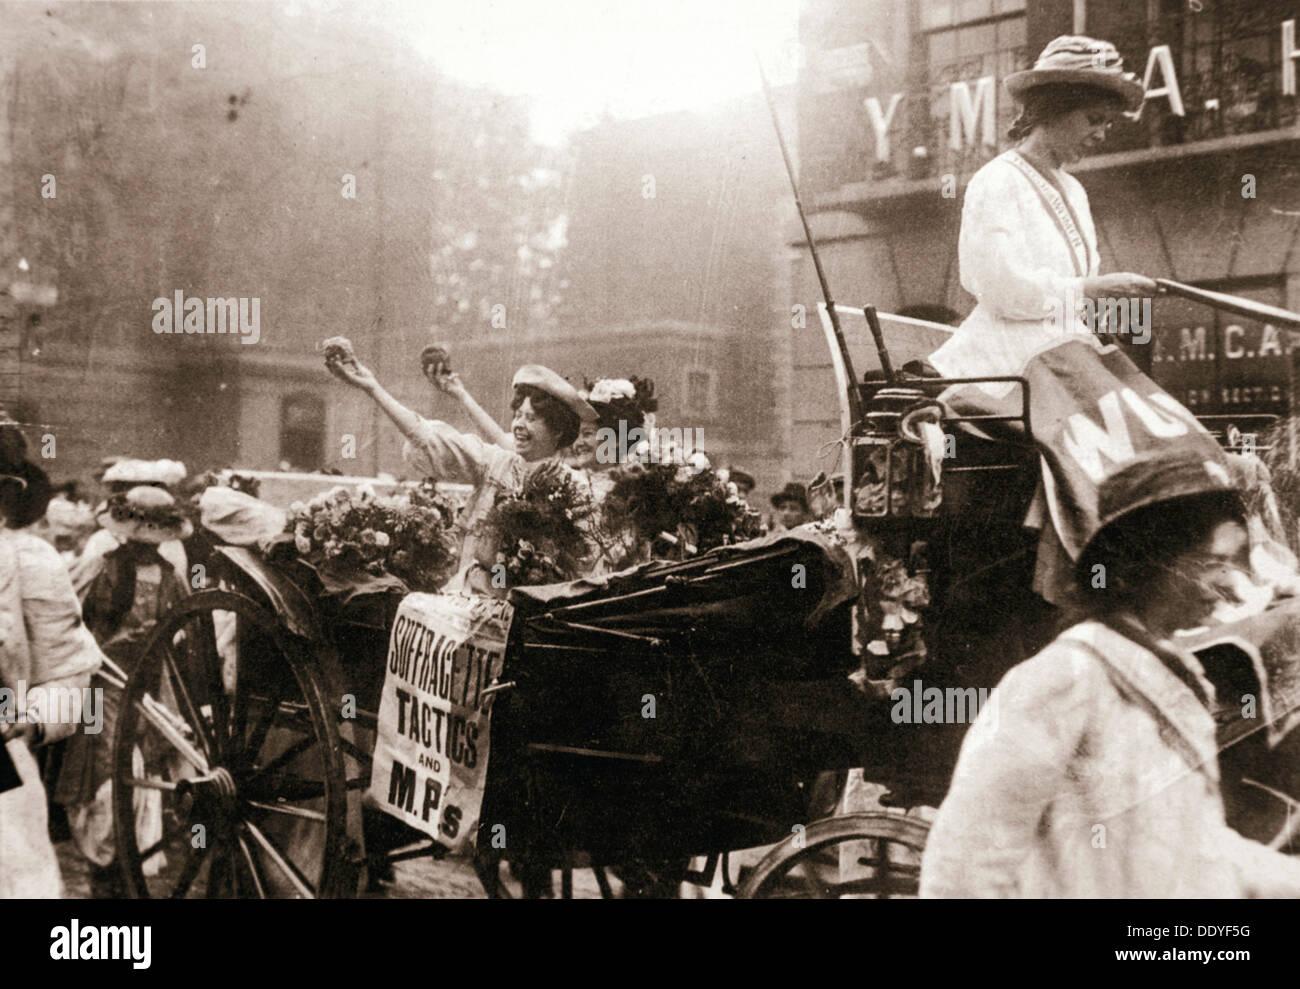 Zwei Suffragetten feiern ihre Haftentlassung Holloway, London, am 22. August 1908. Künstler: unbekannt Stockfoto